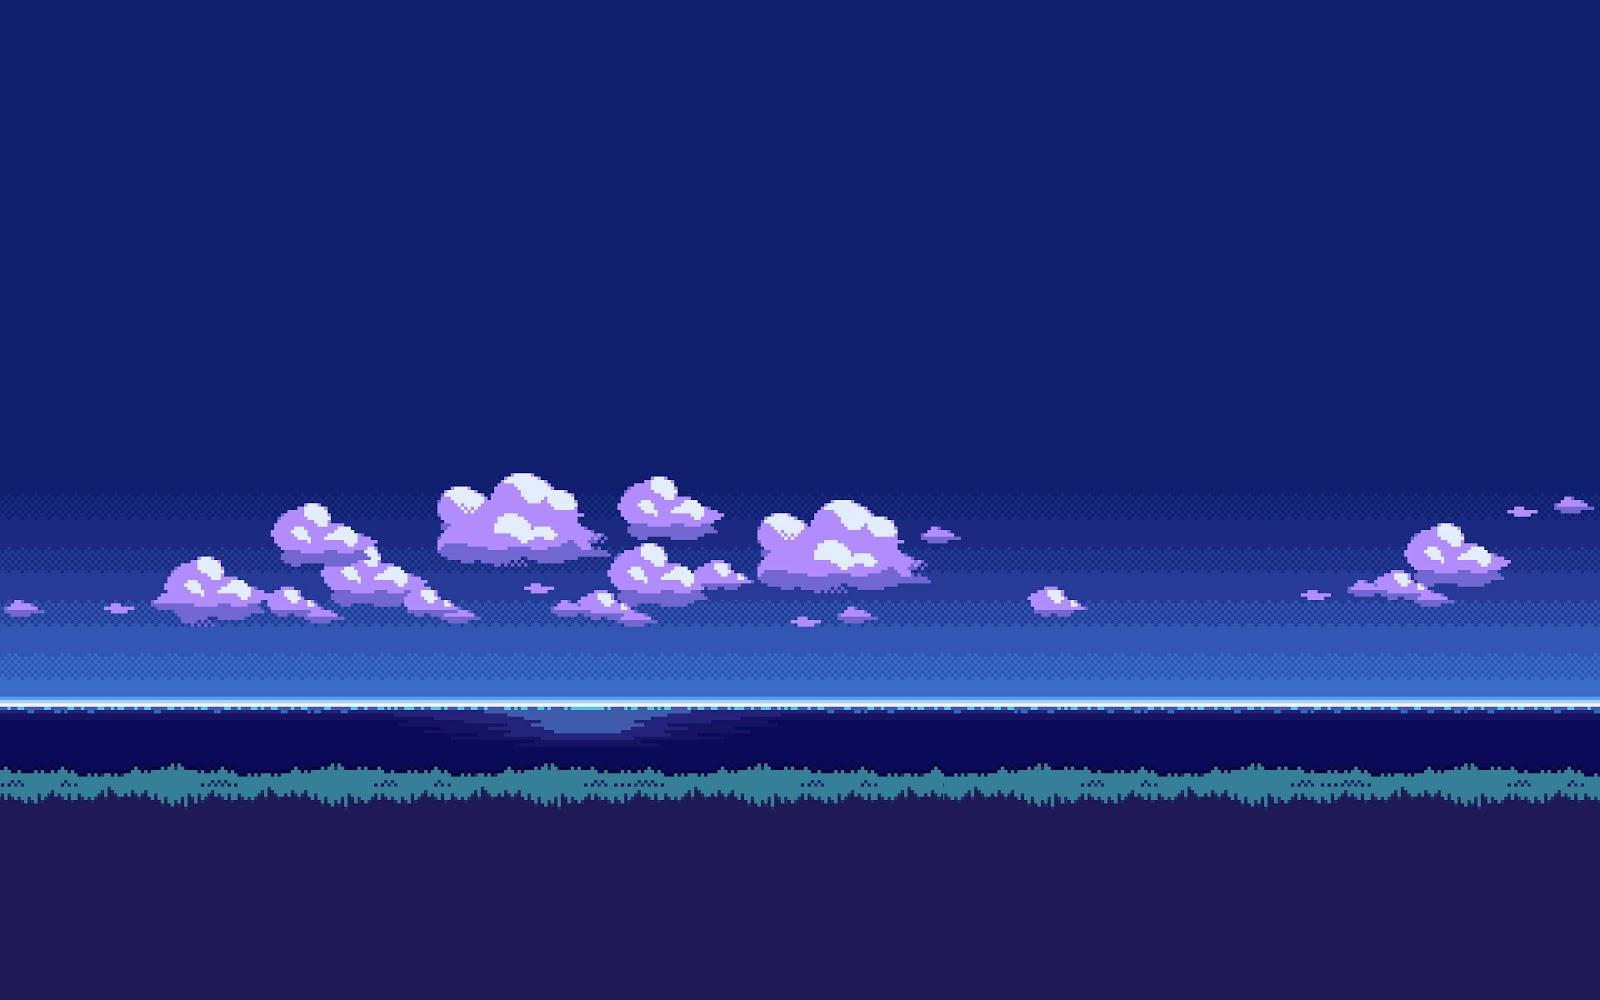 8 bit pixeleted wallpaper